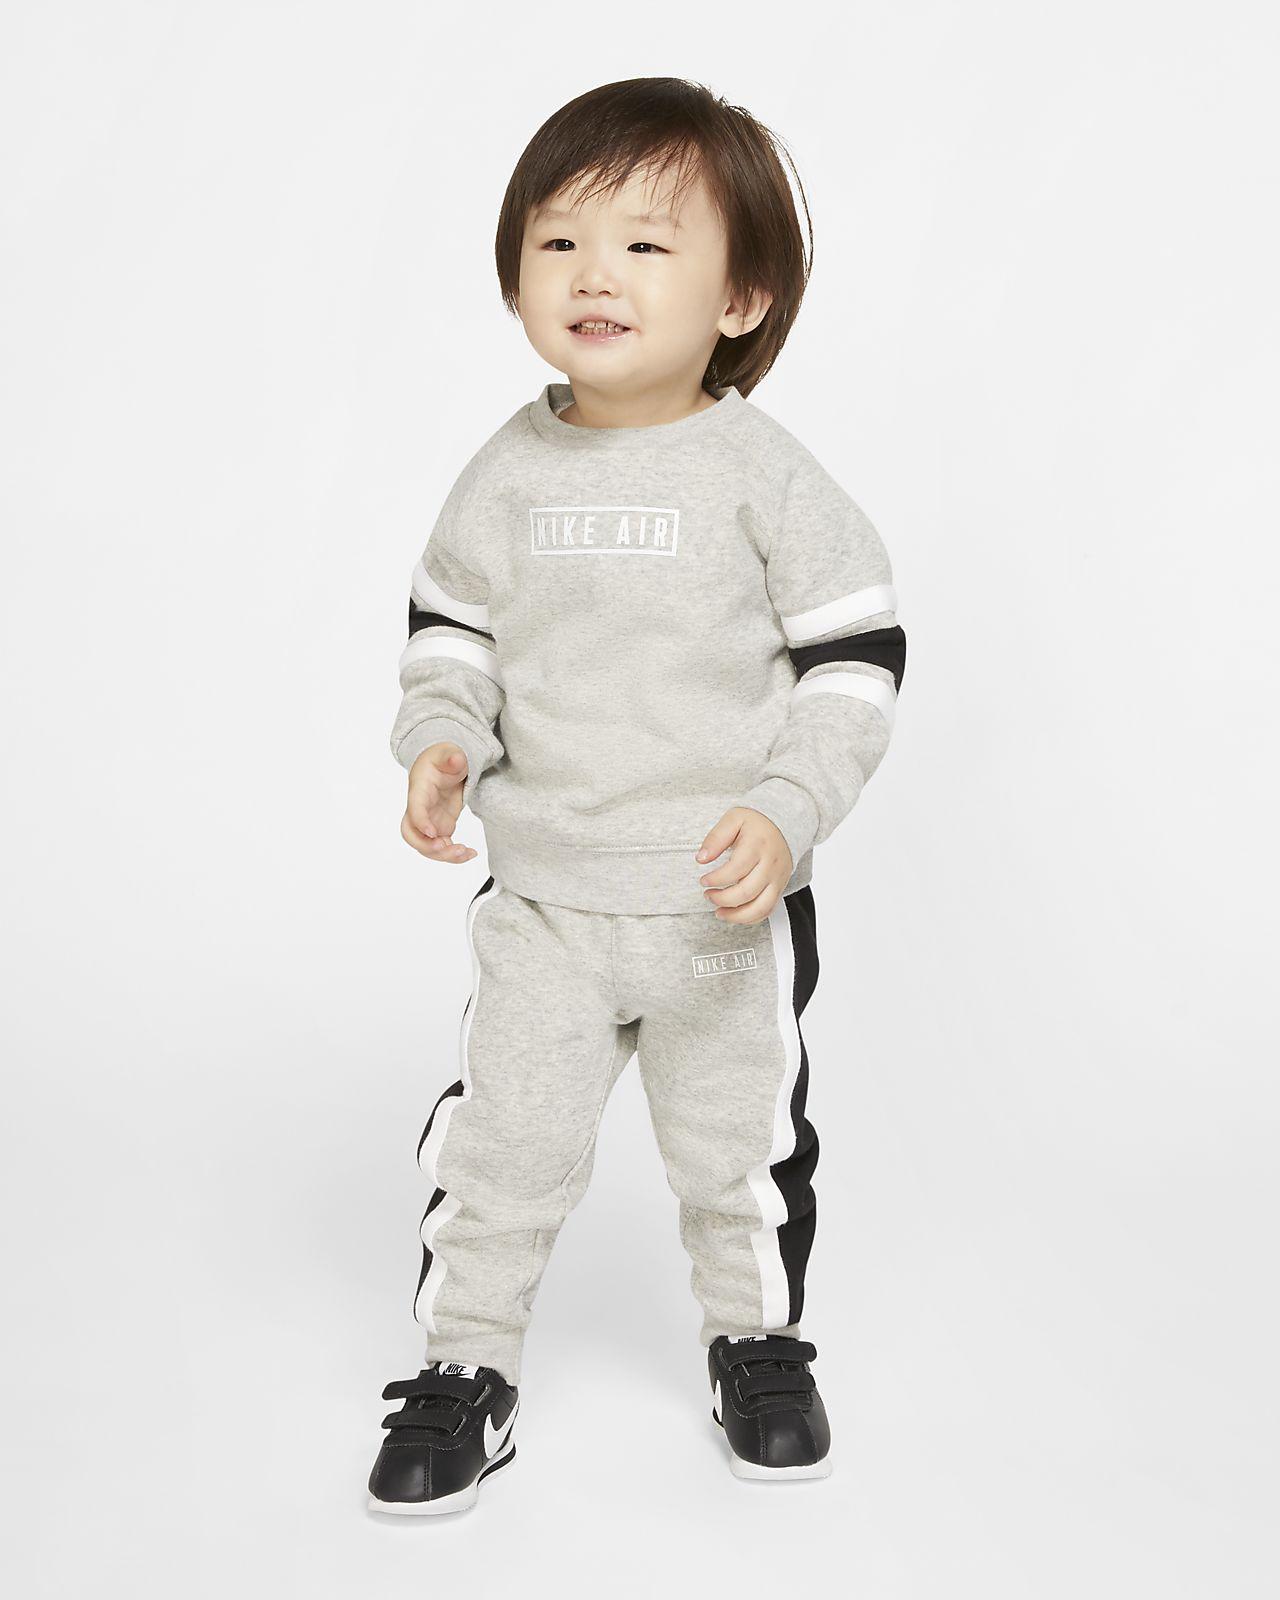 Souprava mikiny s kulatým výstřihem a tepláků Nike Air pro kojence